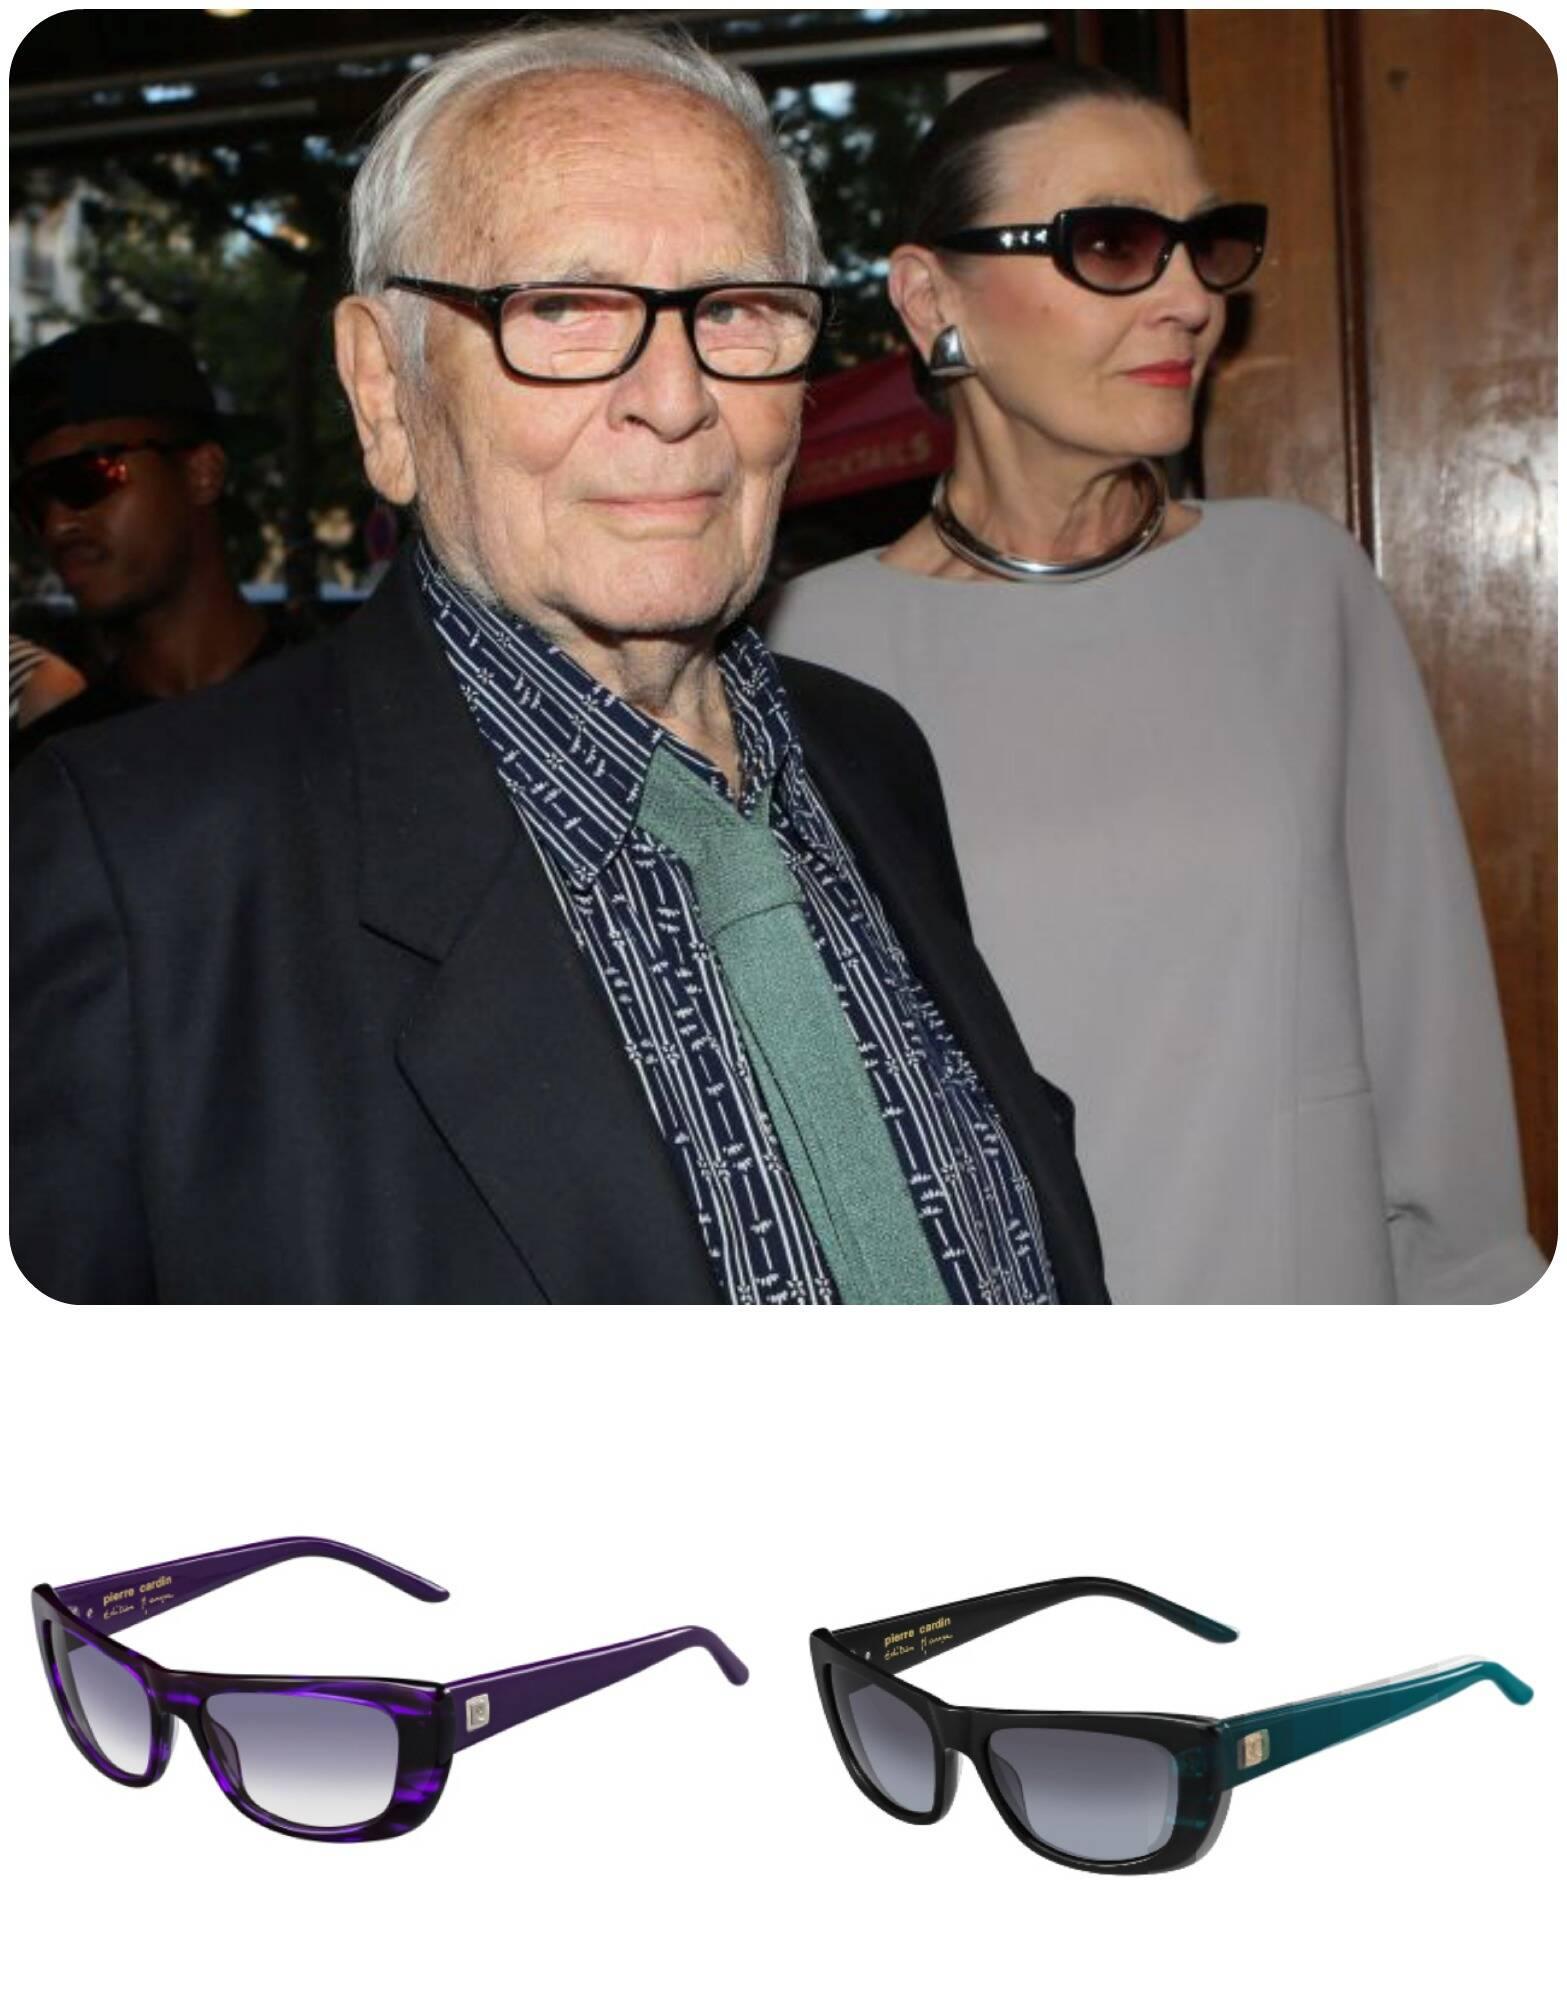 Pierre Cardin com a sua musa, Maryse Gaspard. Os óculos de sol na foto são parte da nova coleção do estilista, inspirada na elegância de Maryse